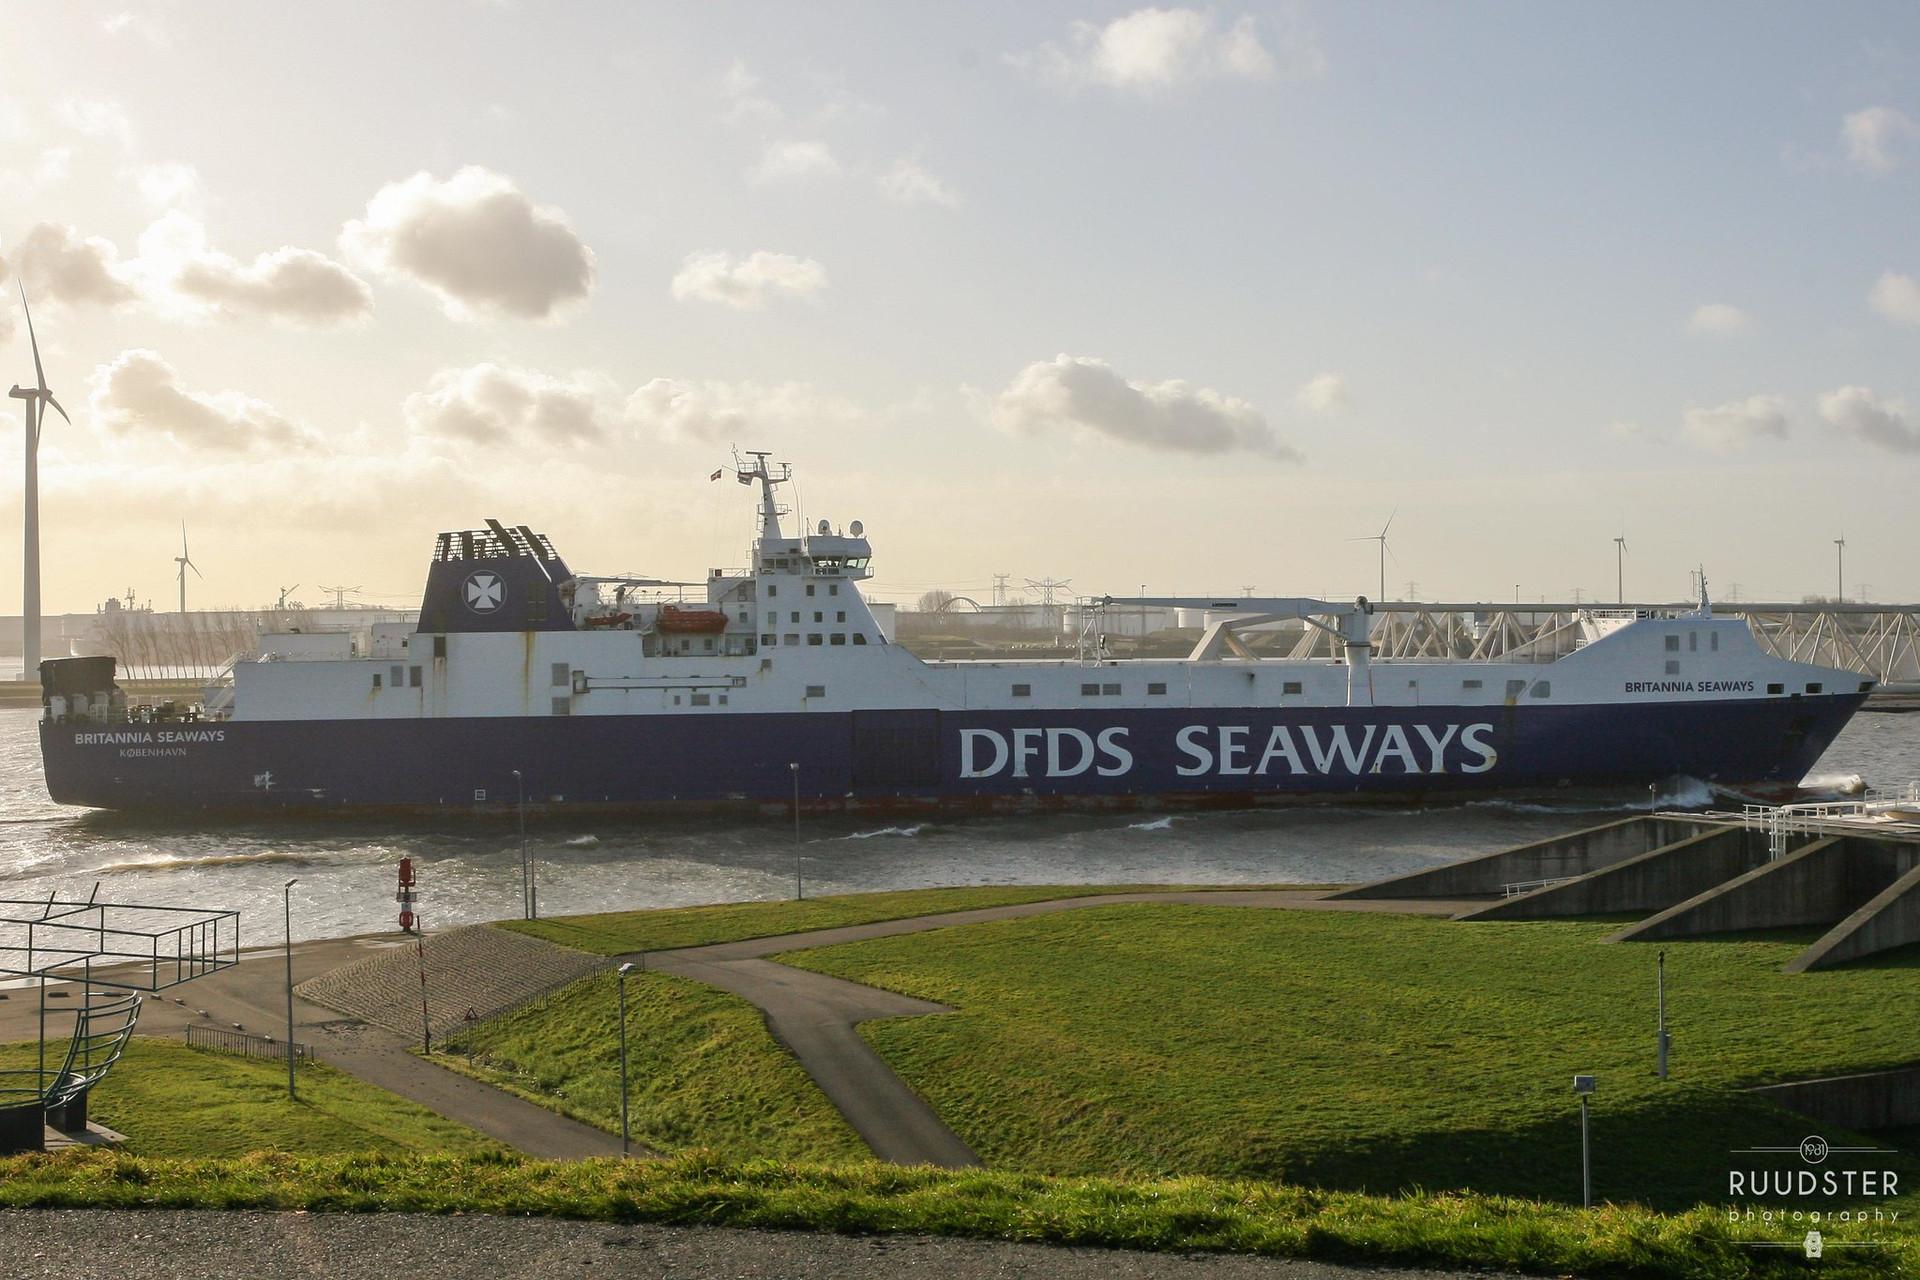 IMO: 9153032 | Build: 2000 - Britannia Seaways